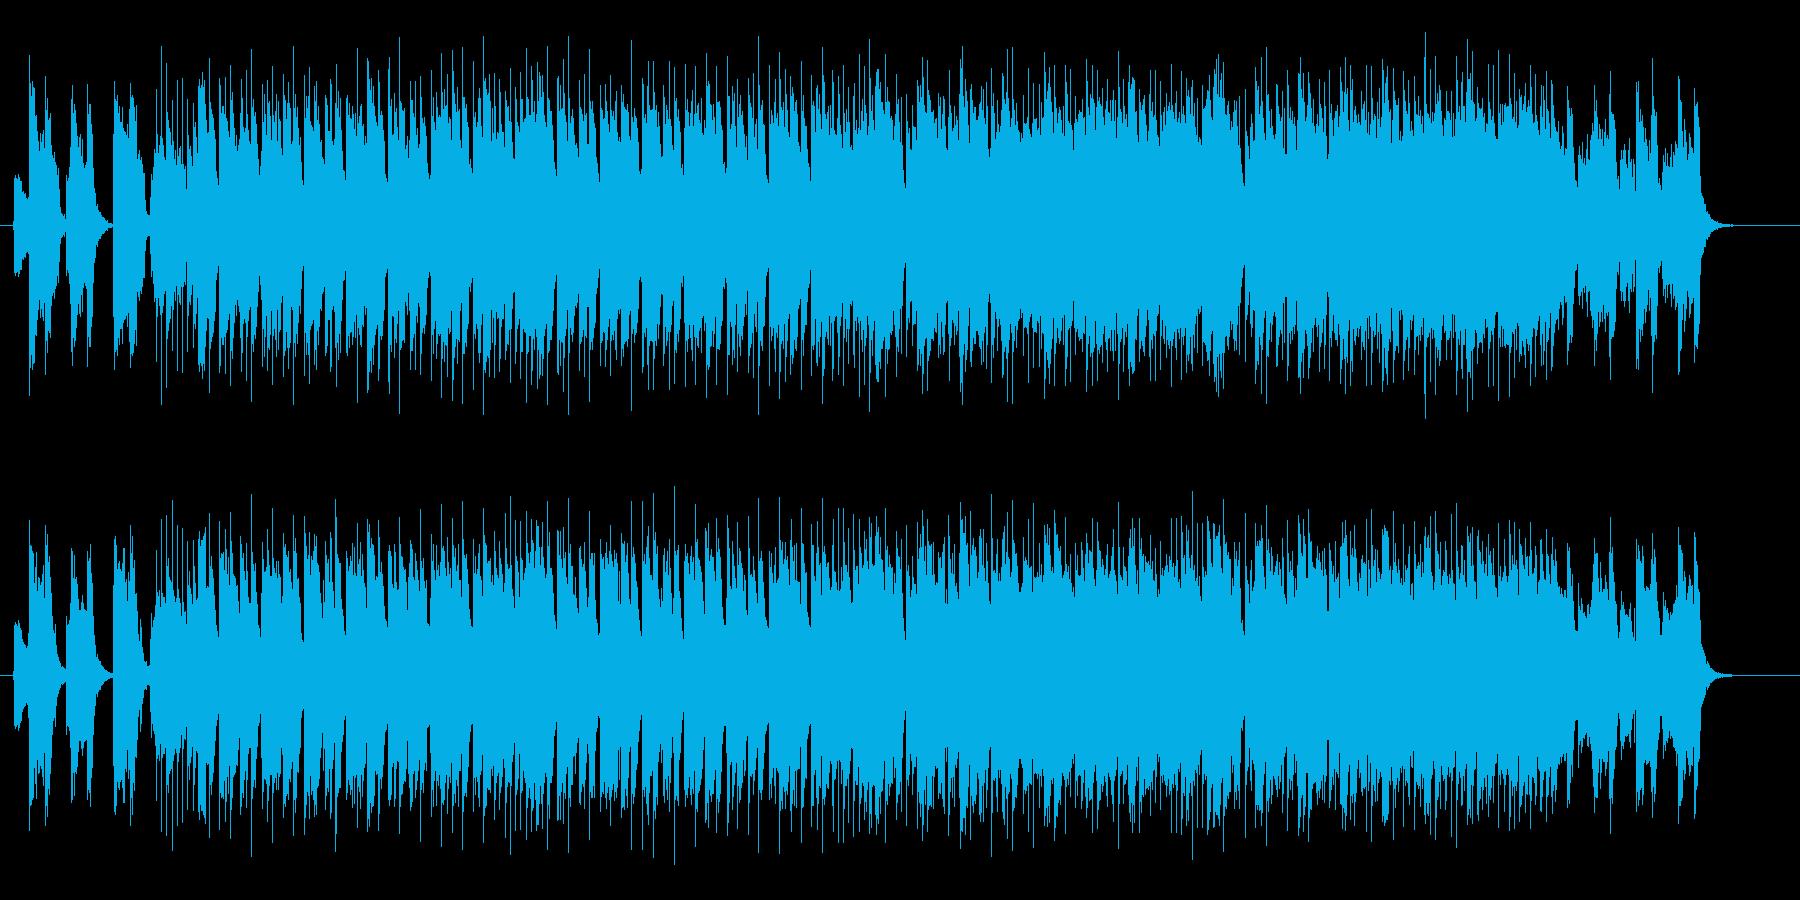 激しいギターが印象的なロックの再生済みの波形